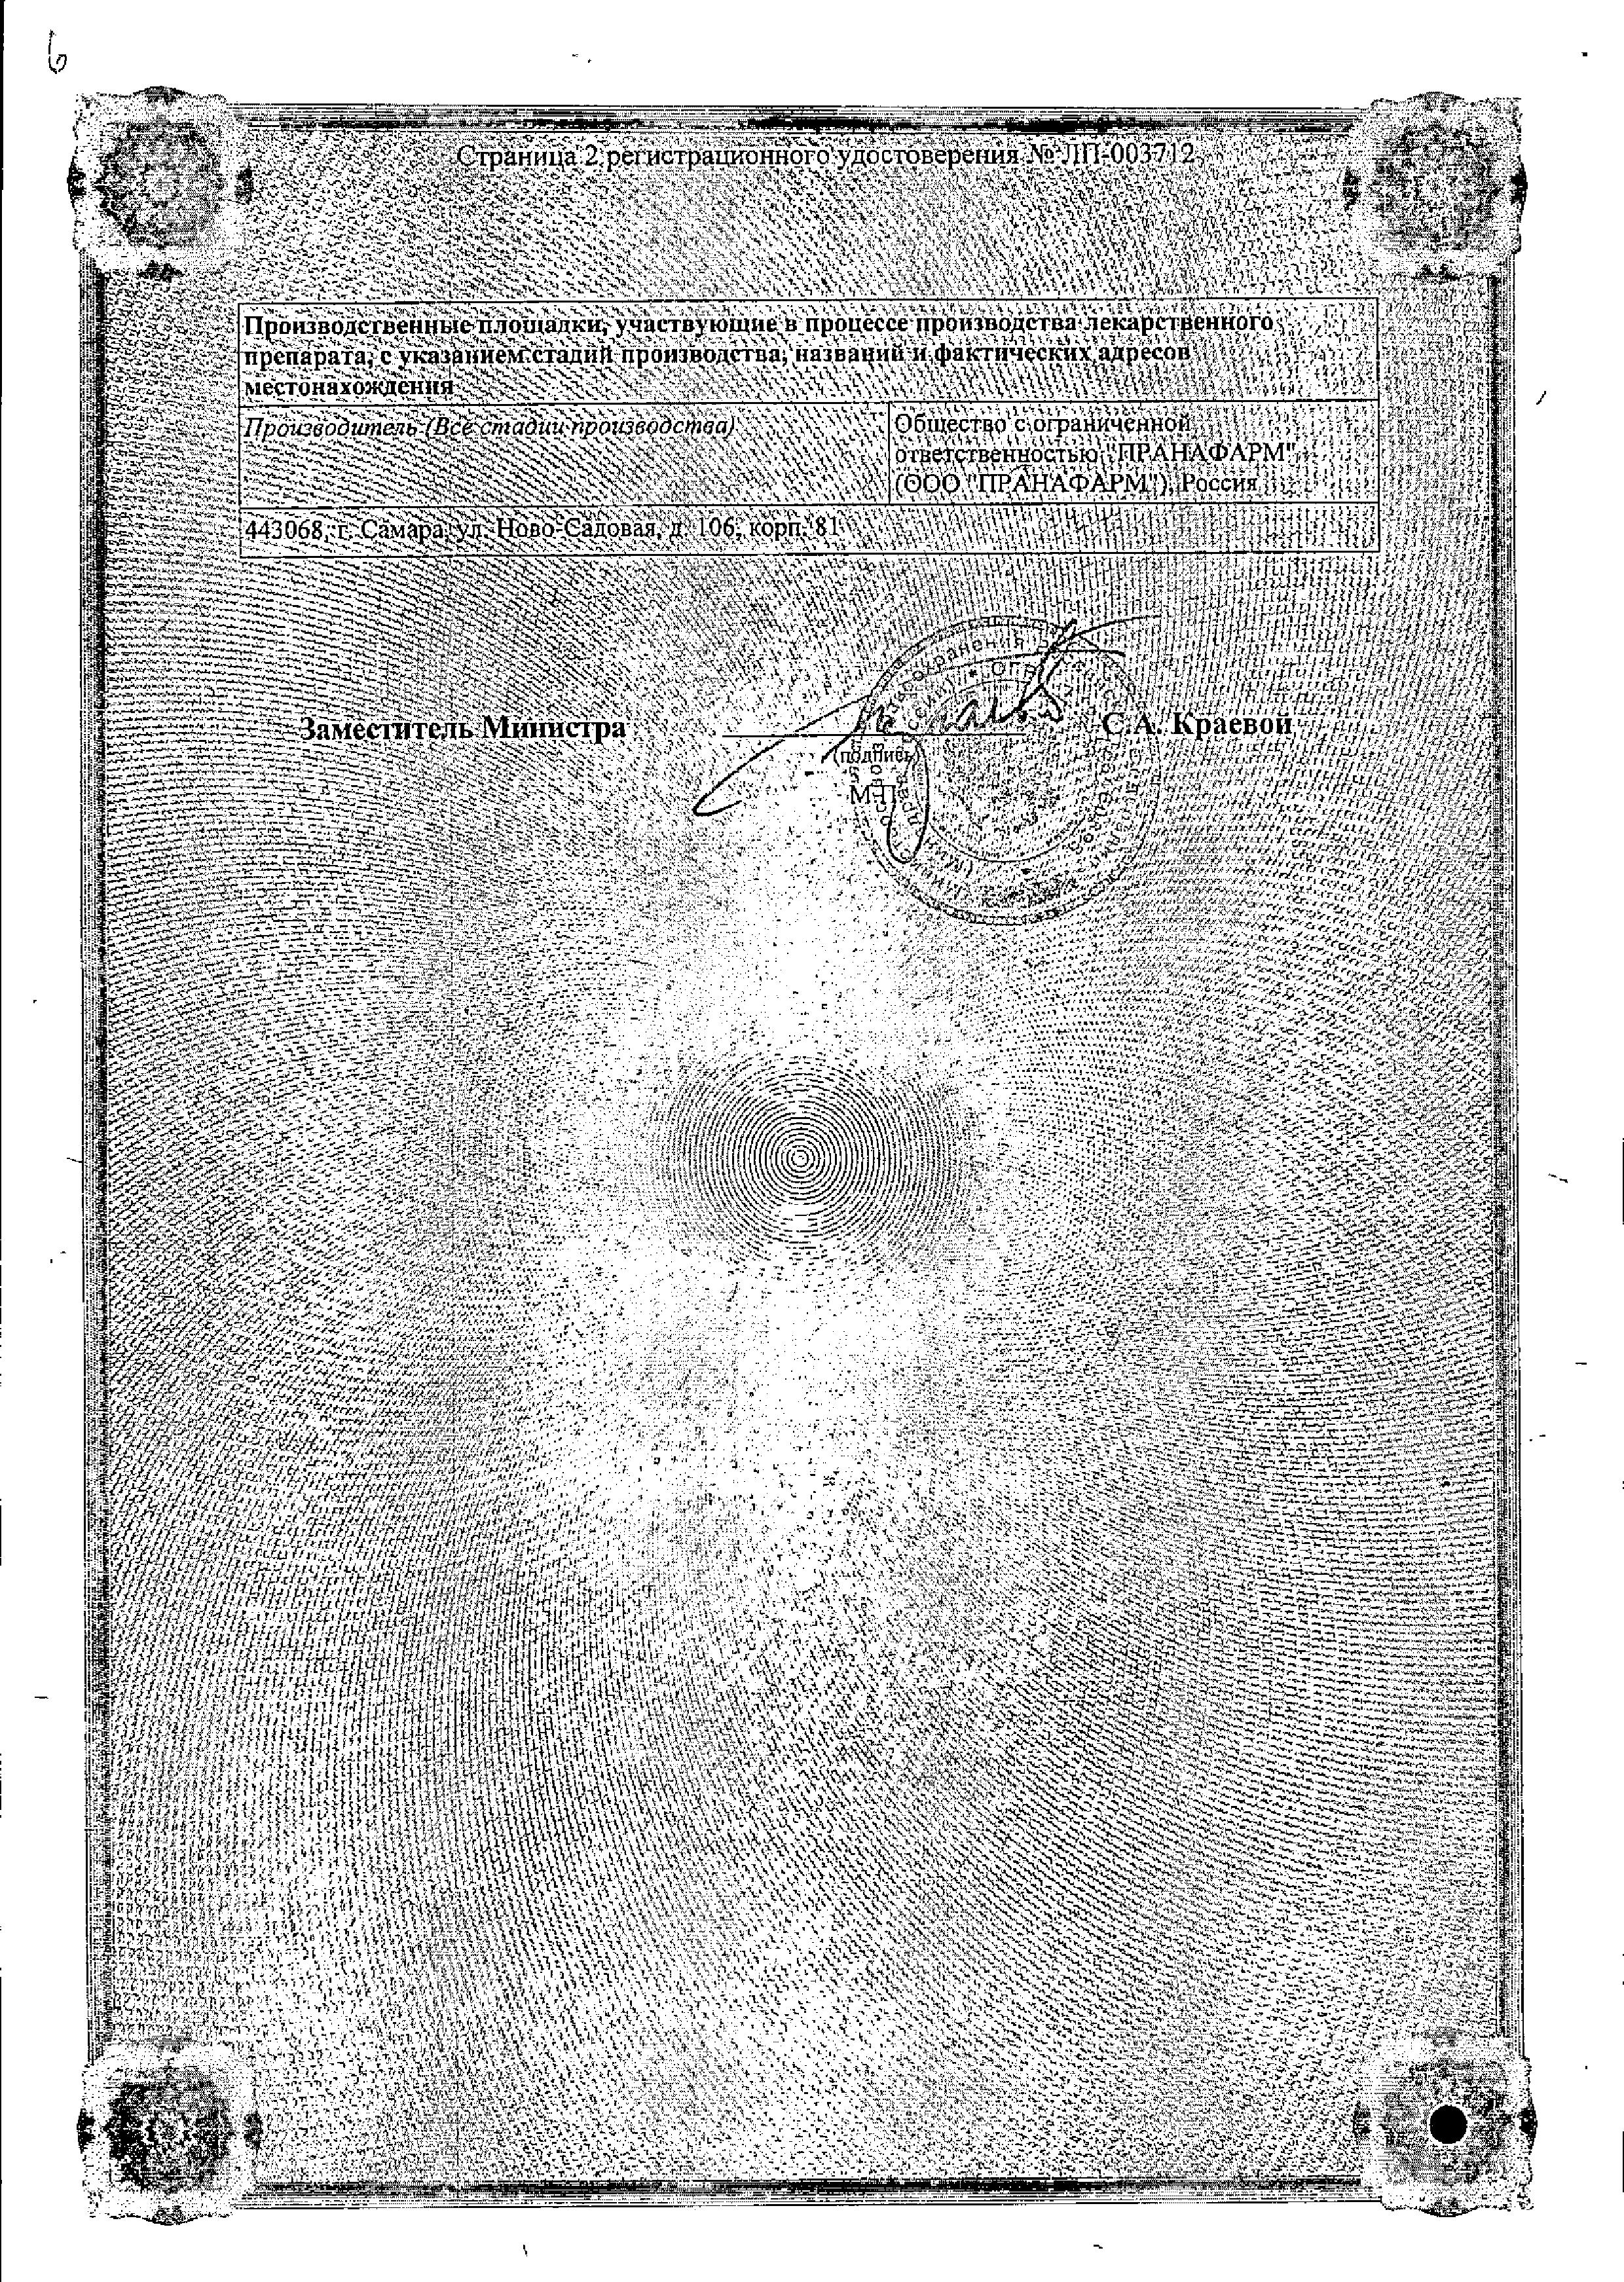 Периндоприл сертификат